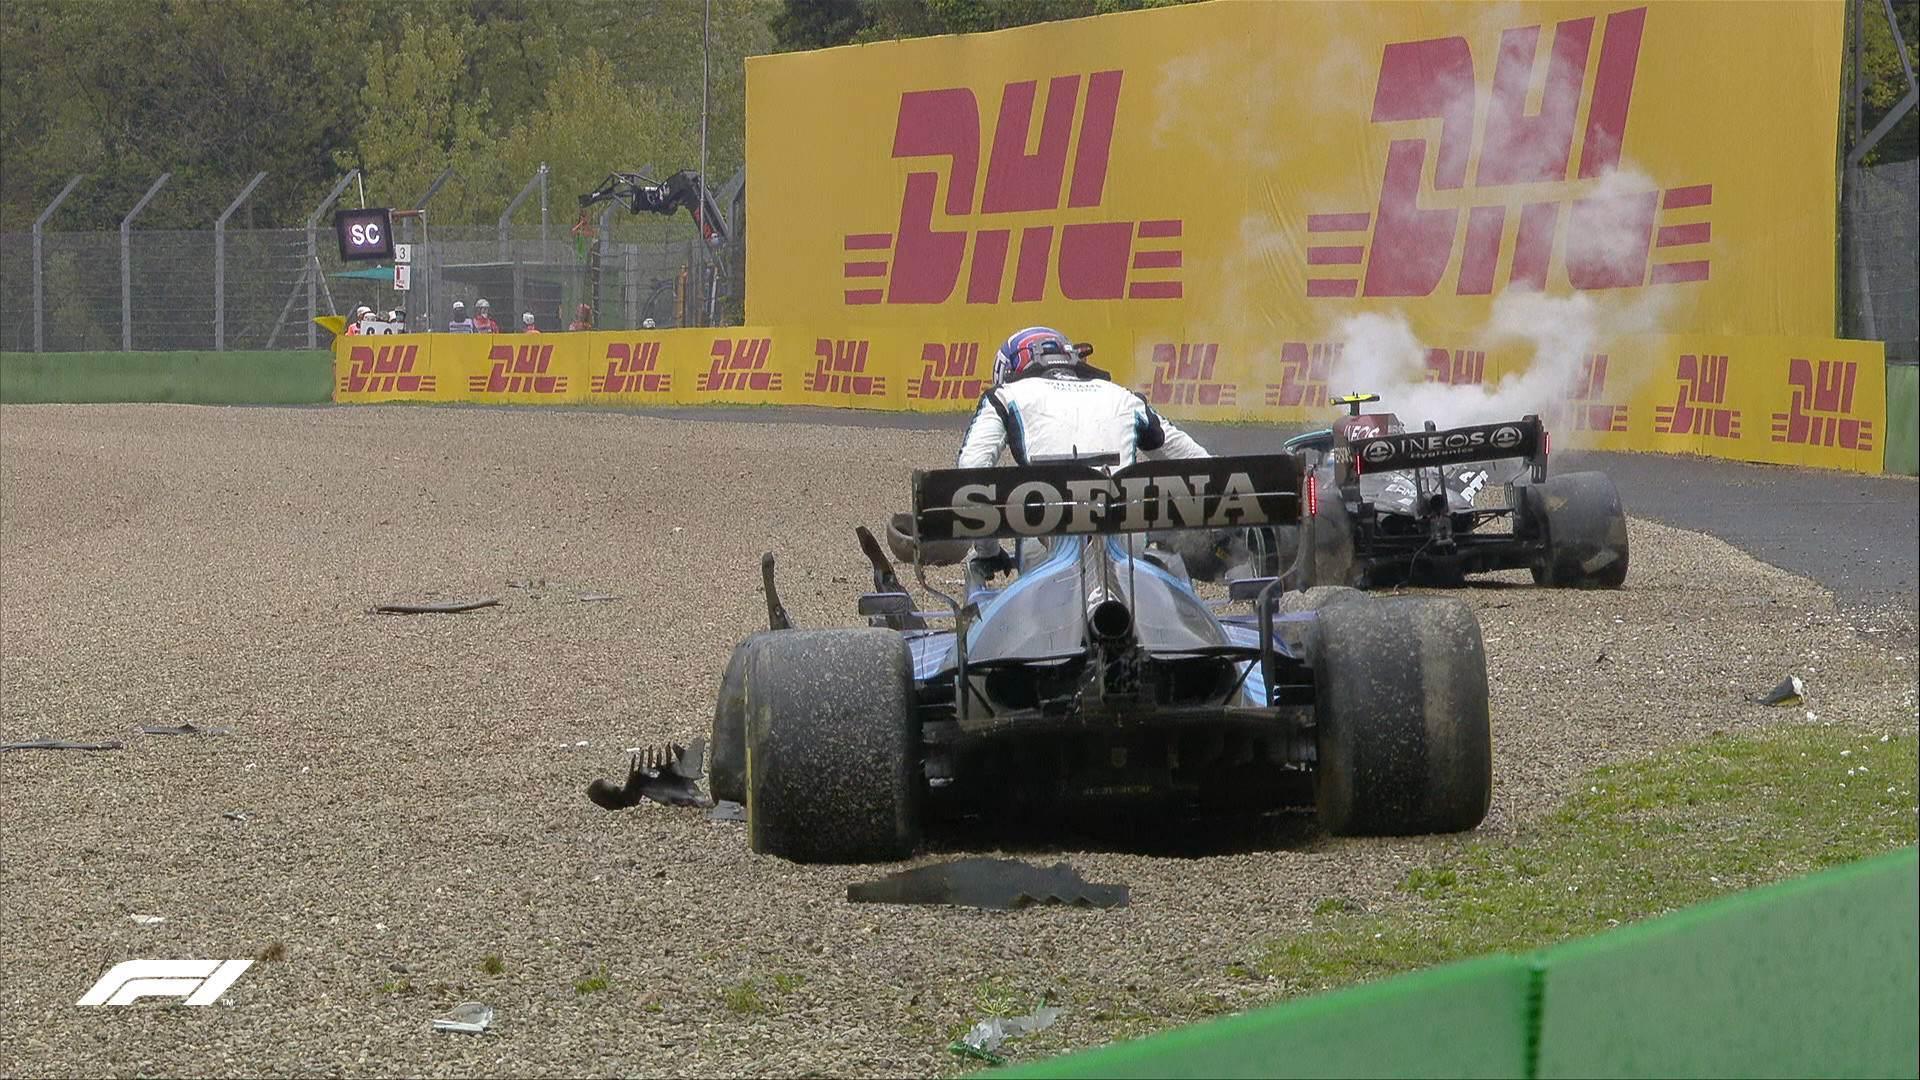 Analisi crash Russell – Bottas: chi ha torto?